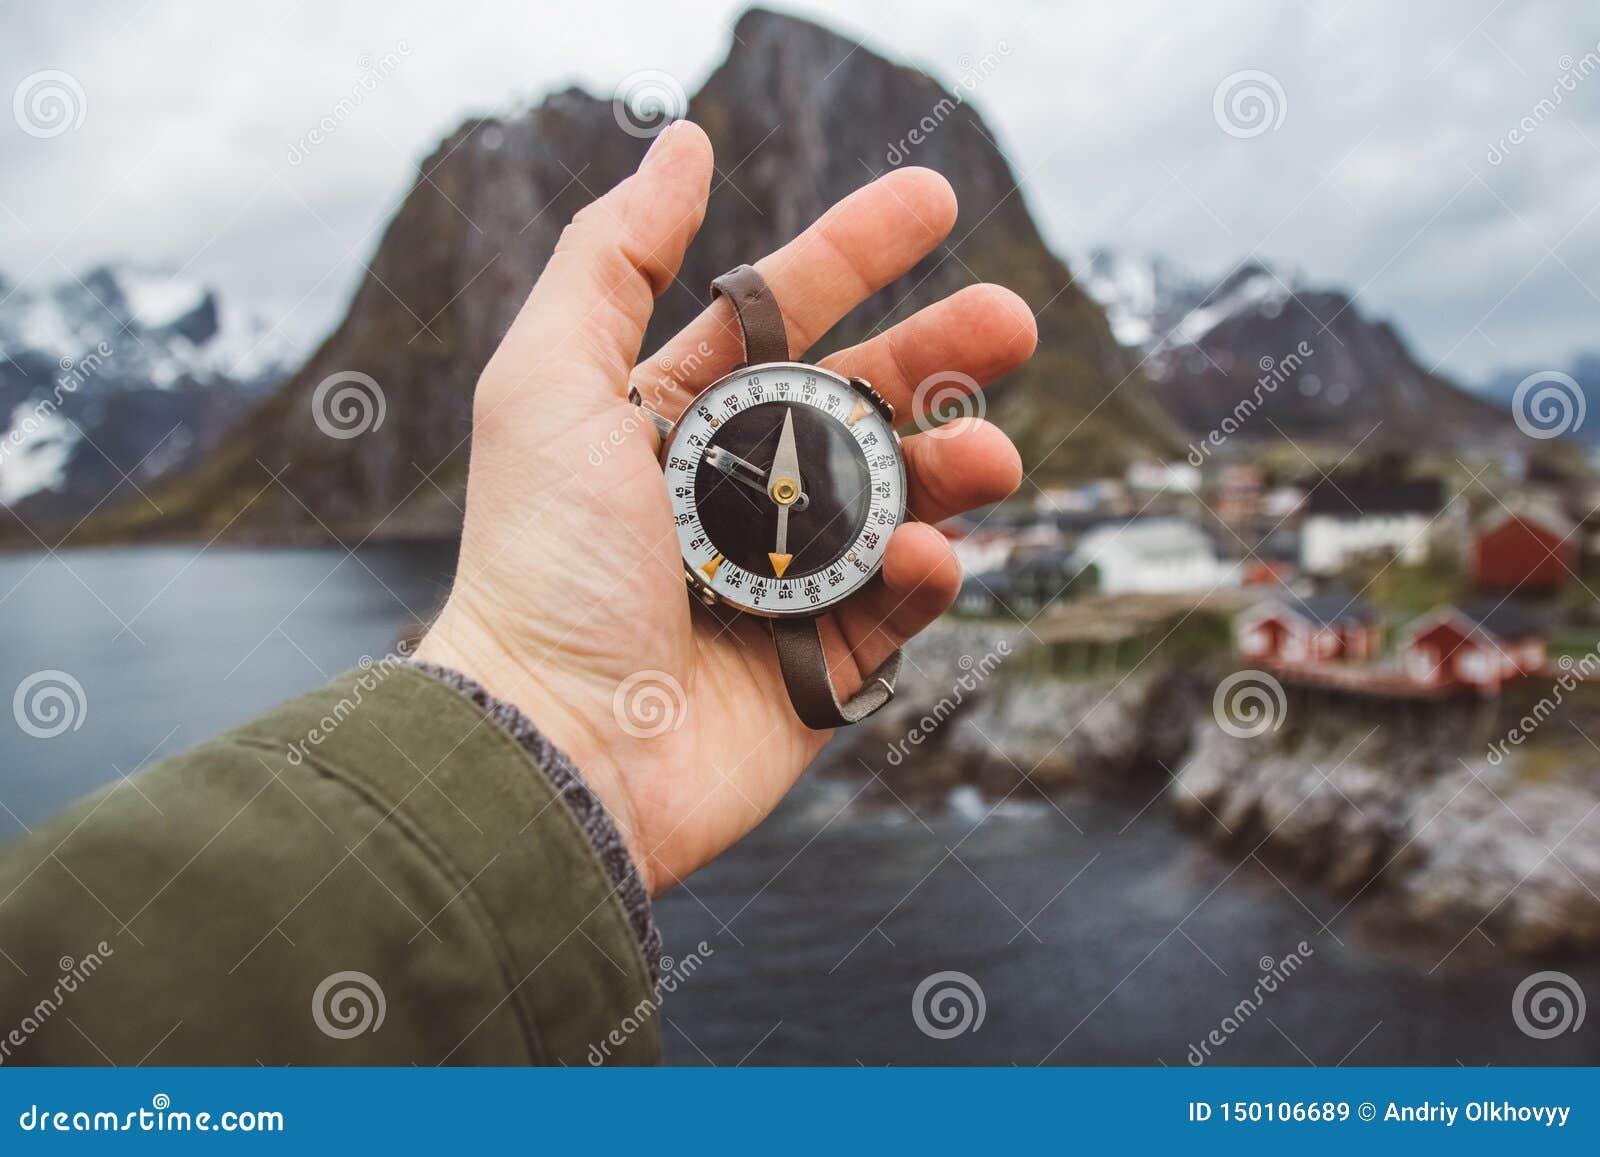 Schöne männliche Hand hält einen Magnetkompass vor dem hintergrund der Häuser und der Gebirgsfelsen über Fjord